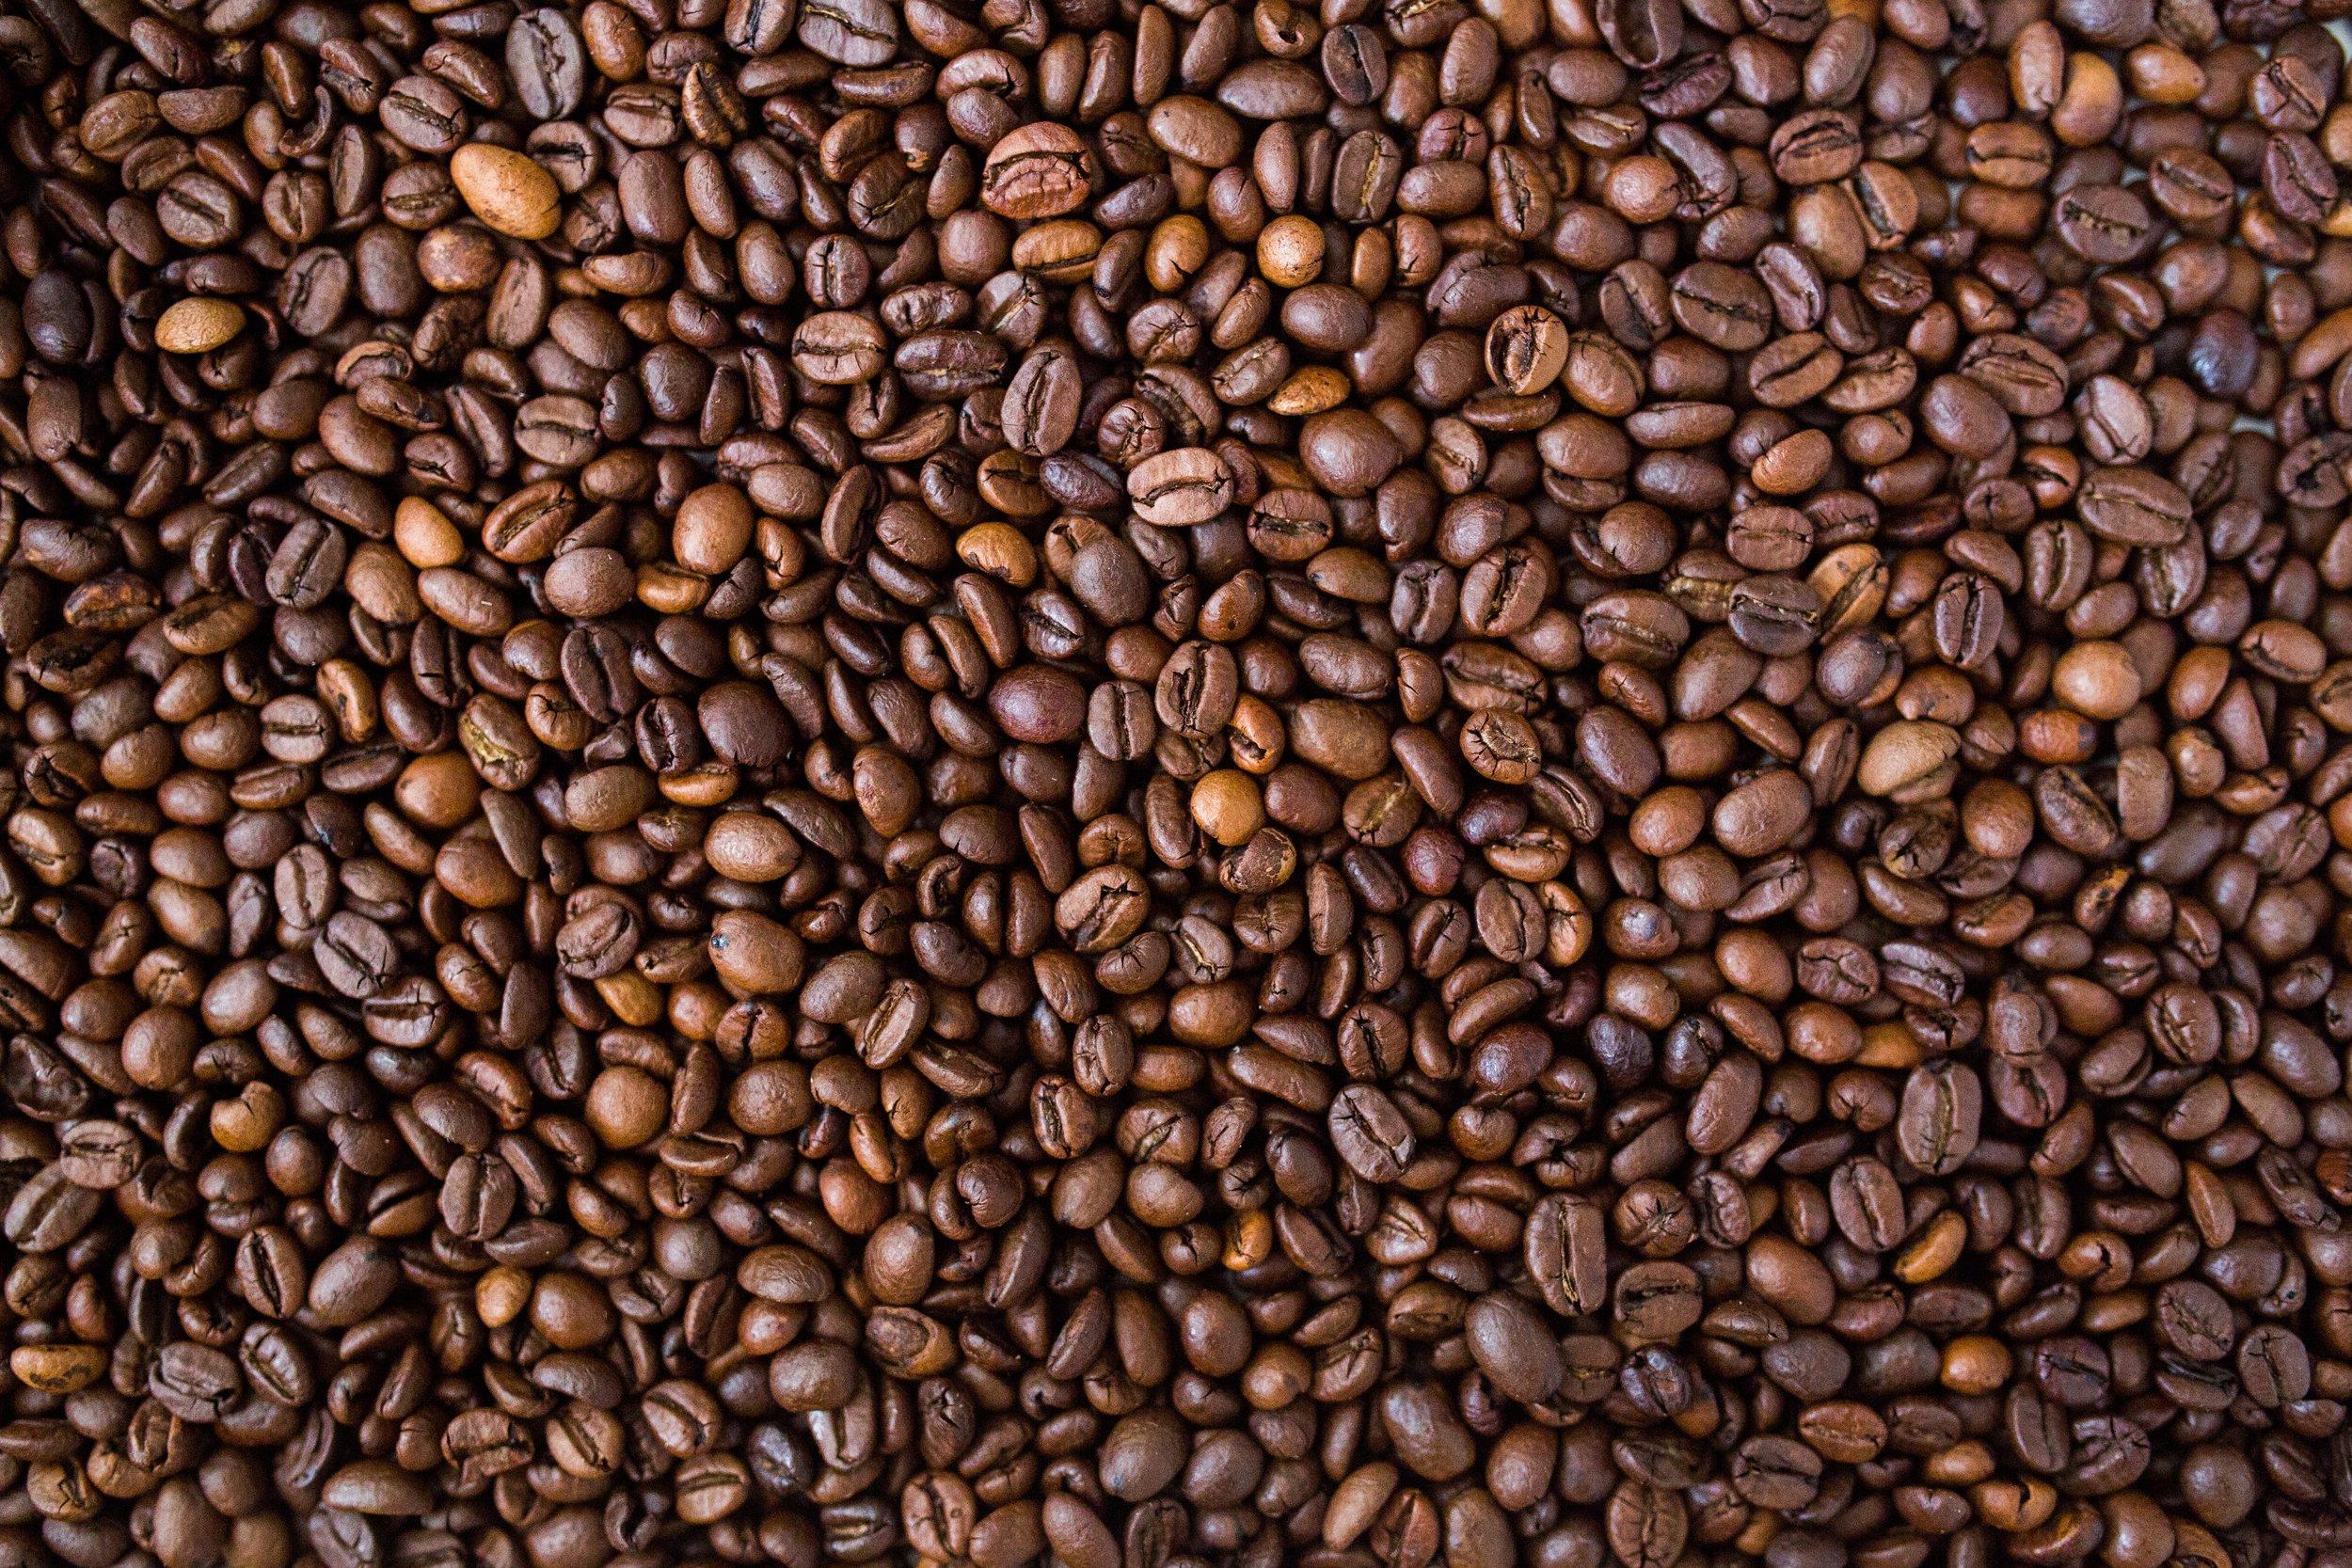 beans-brown-coffee-34085.jpg